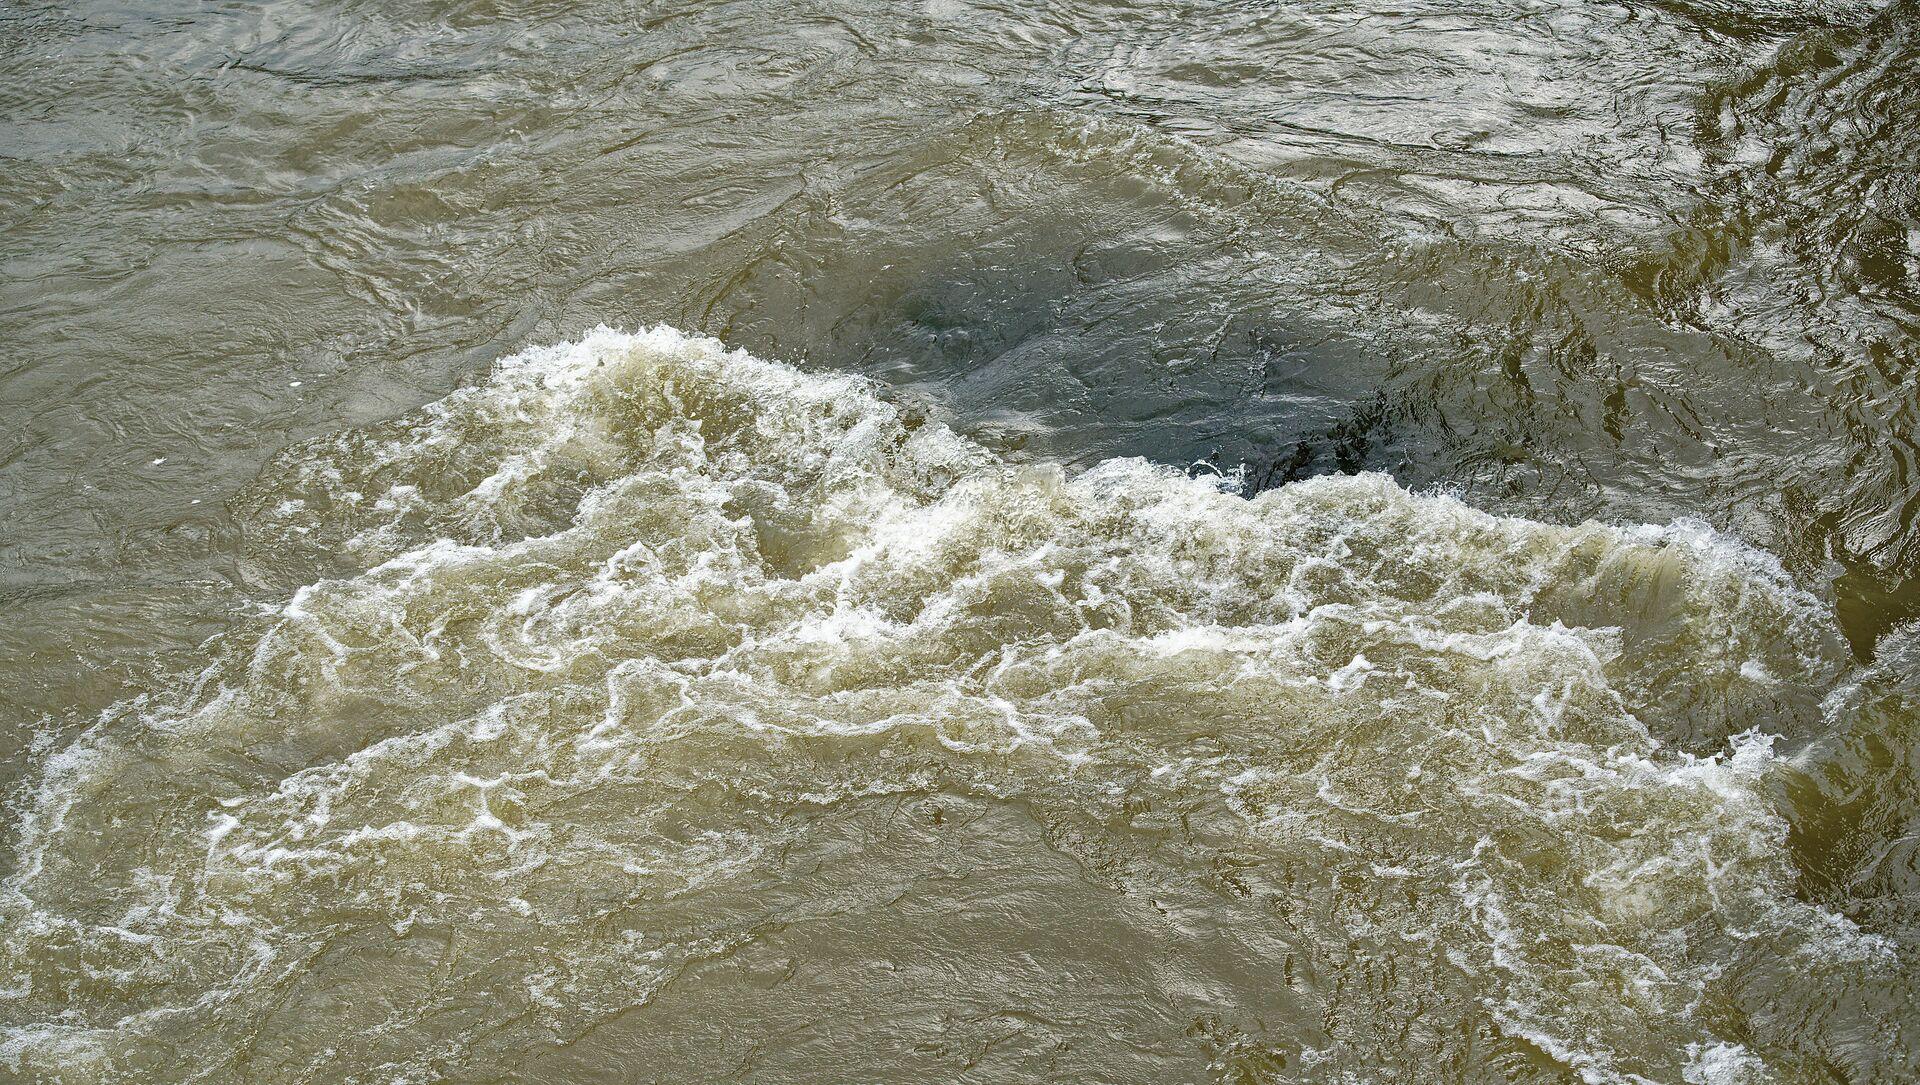 Горная река - быстрое течение - Sputnik Грузия, 1920, 10.04.2021